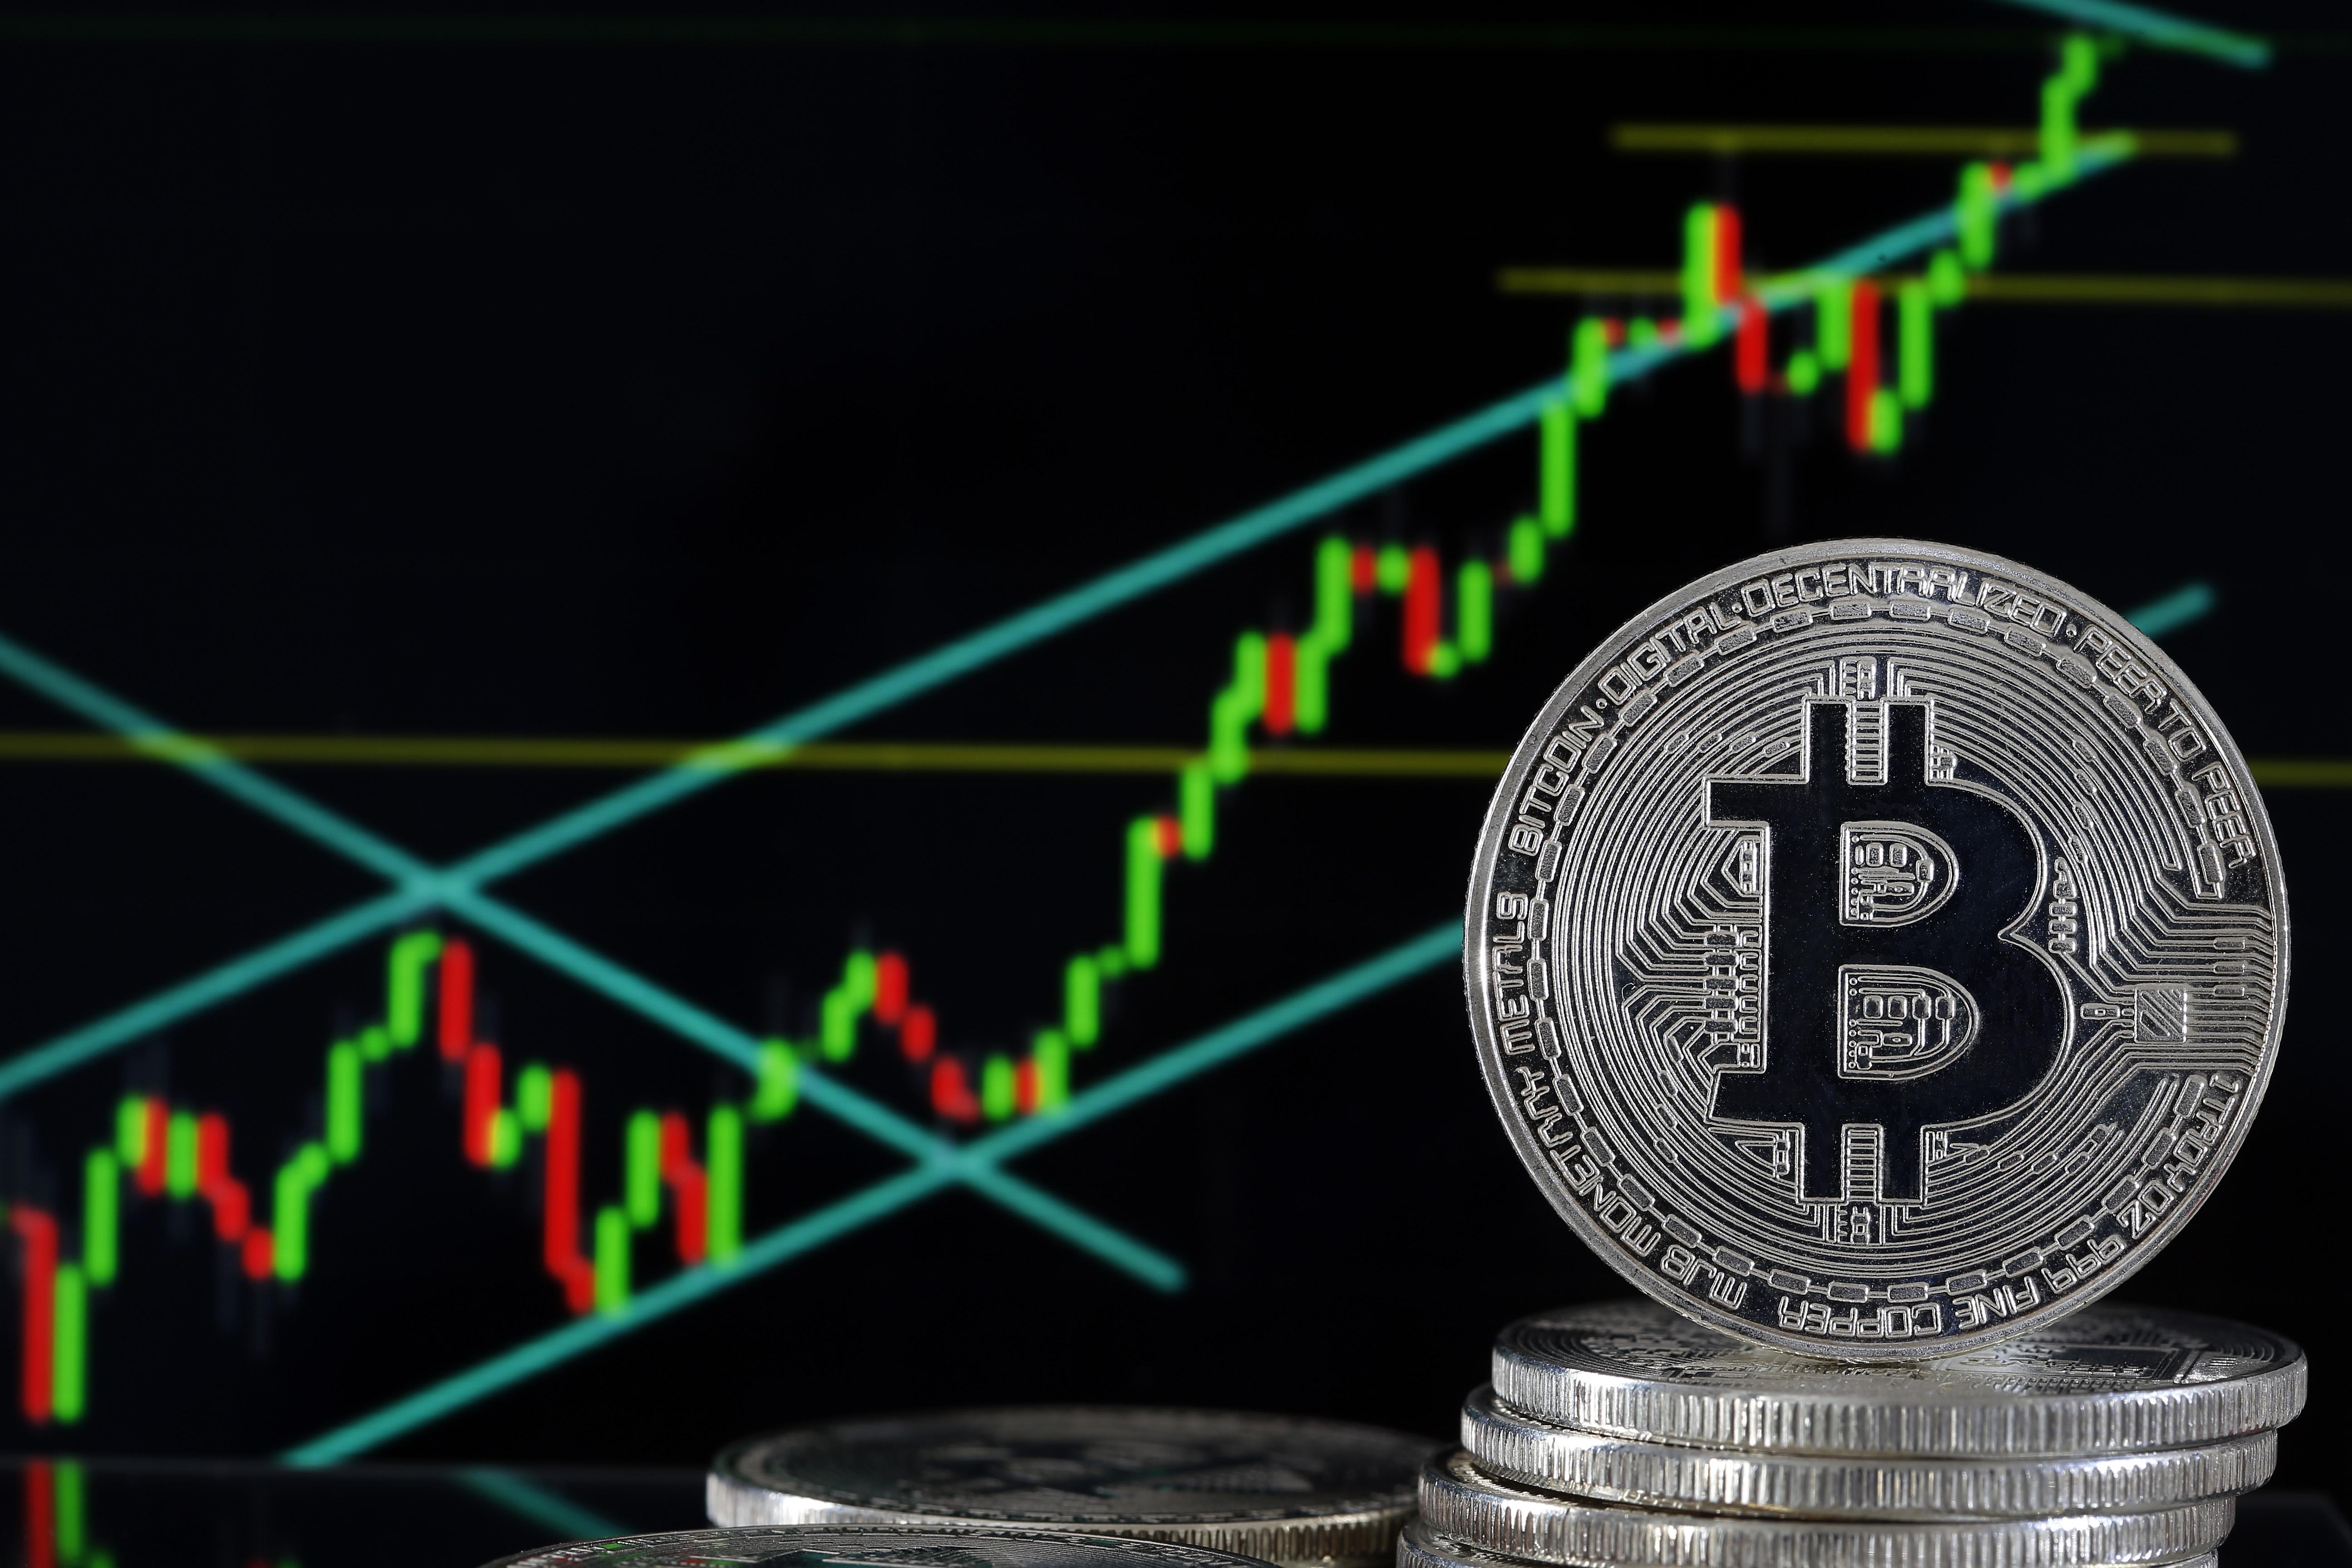 negociação de futuros de cboe bitcoin corretora com criptomoedas